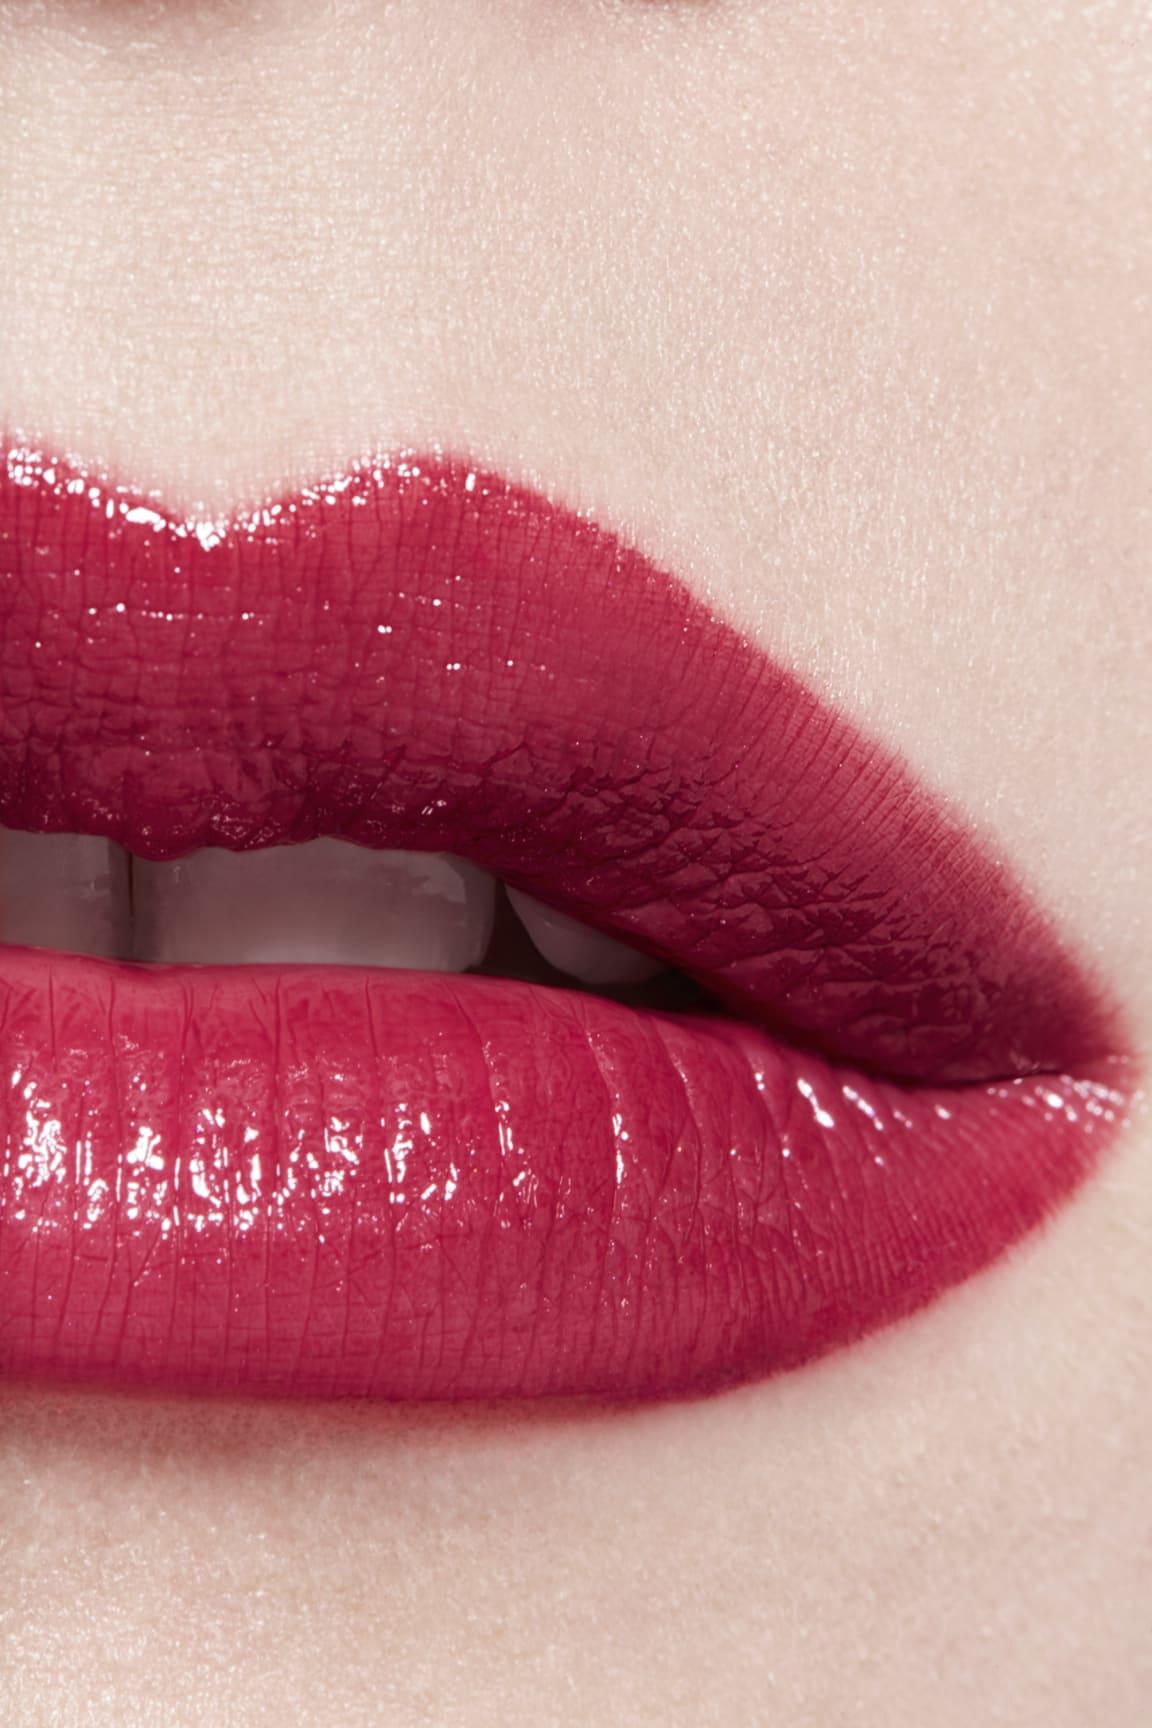 Application makeup visual 3 - ROUGE COCO 498 - ÉCLAT